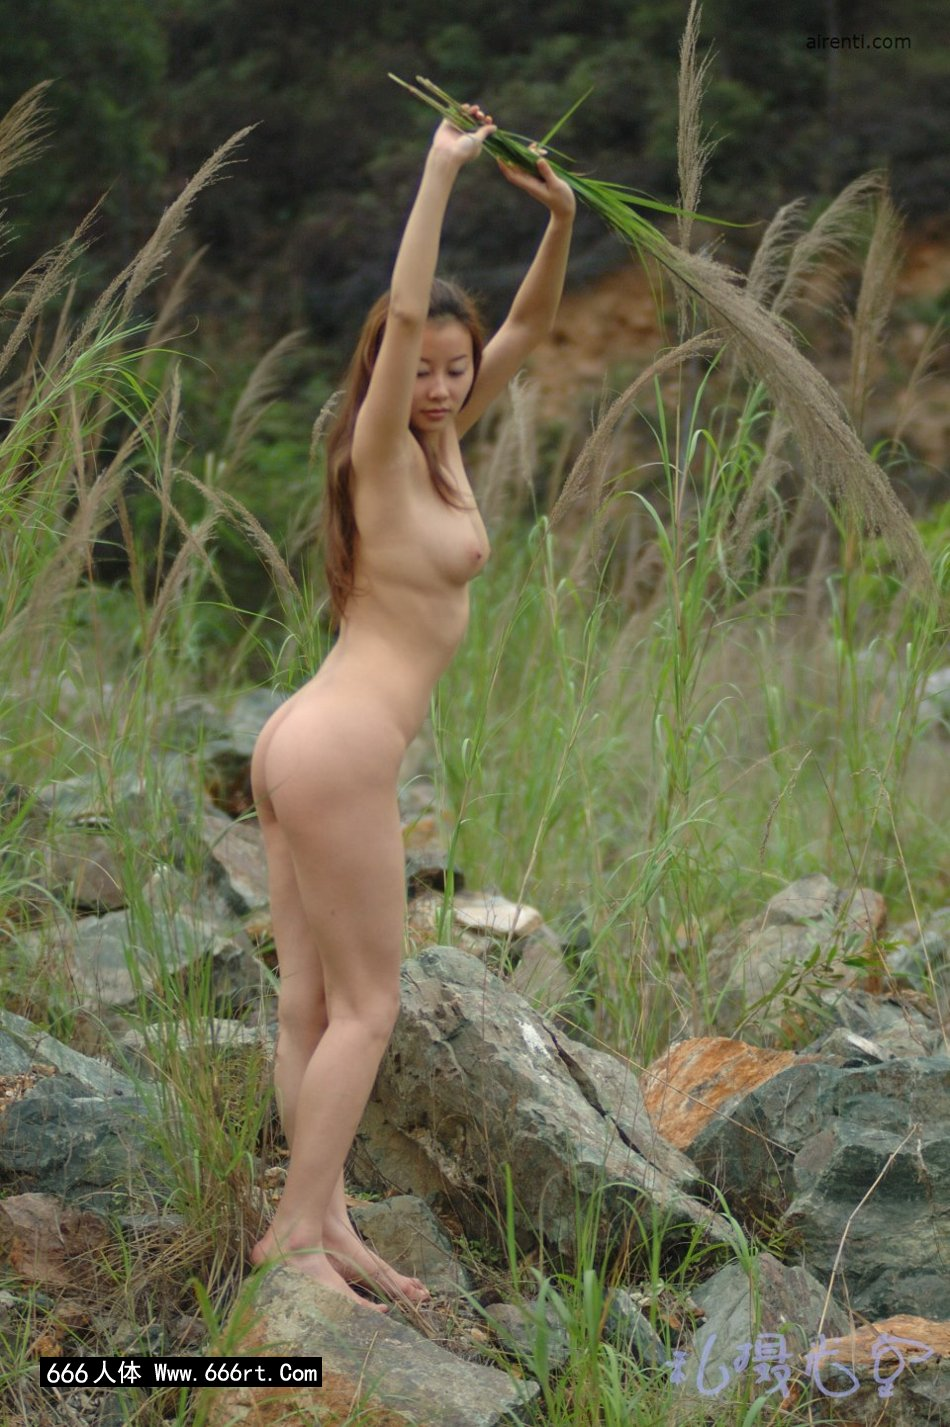 皮肤白身材好的王丹芦苇丛中外拍_99人体艺术